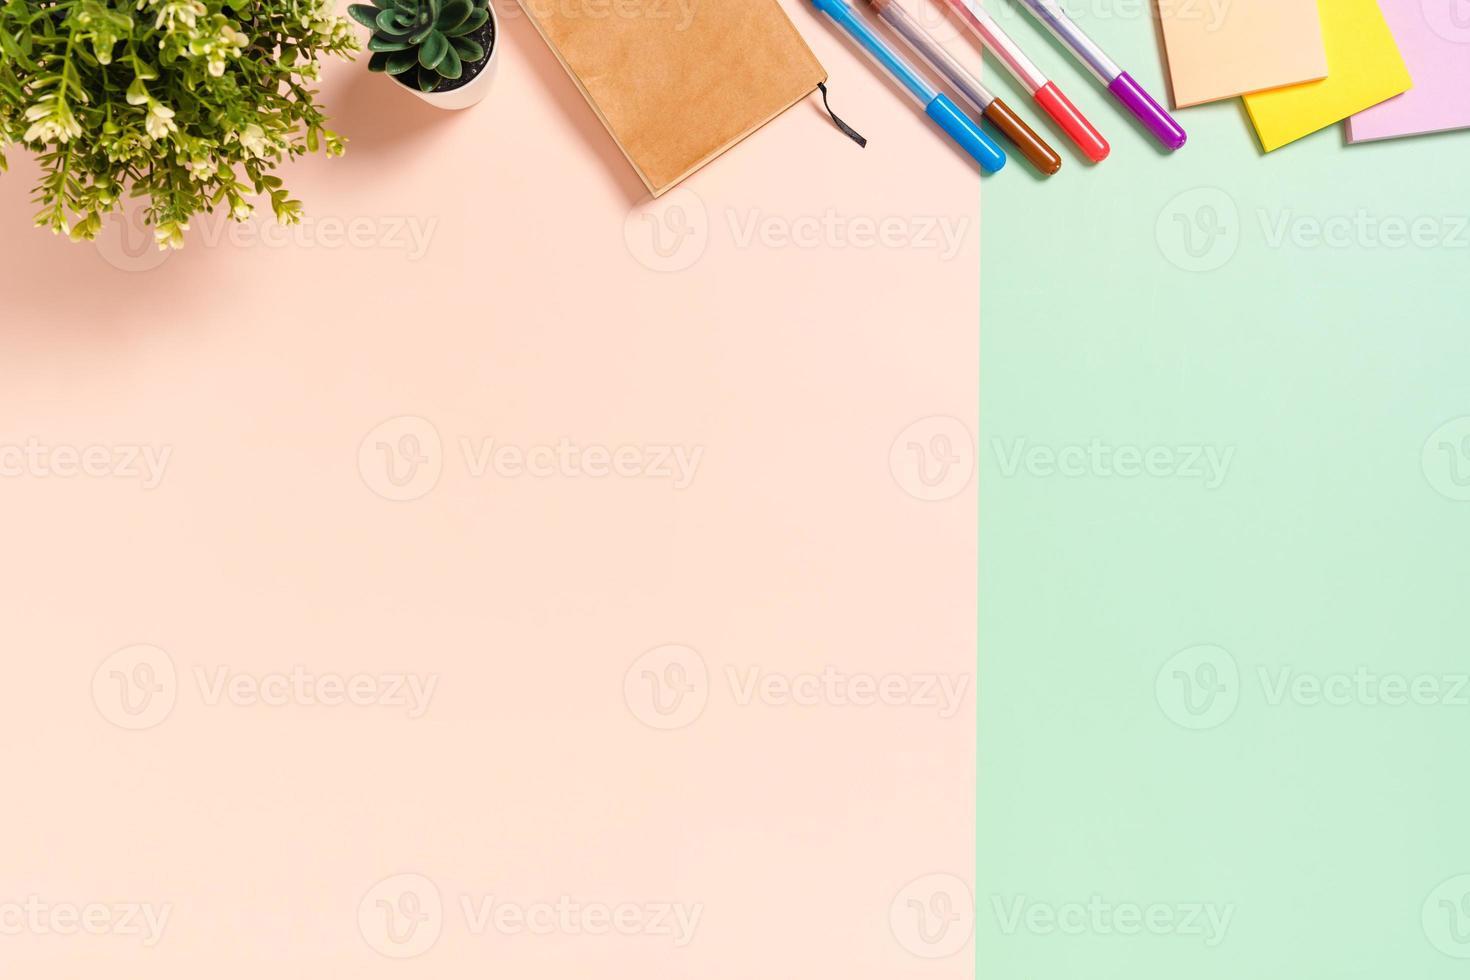 minimale werkruimte - creatieve platliggende foto van werkruimtebureau. bovenaanzicht bureau met zelfklevende notitie en notitieboekje op pastel groen roze kleur achtergrond. bovenaanzicht met kopie ruimtefotografie.